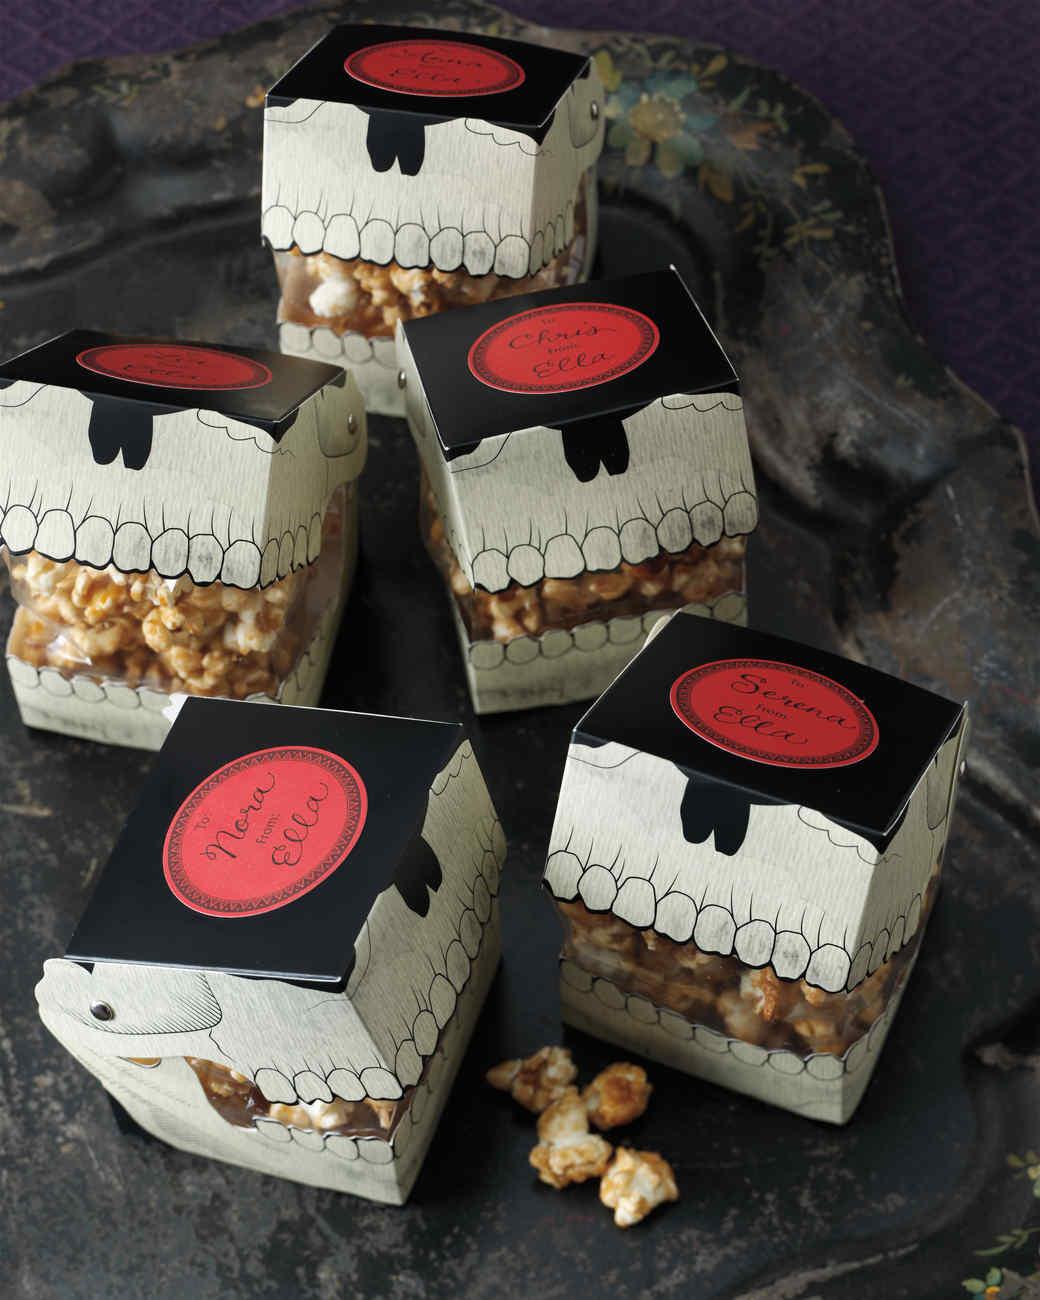 mscrafts-hlwn-skull-boxes.jpg